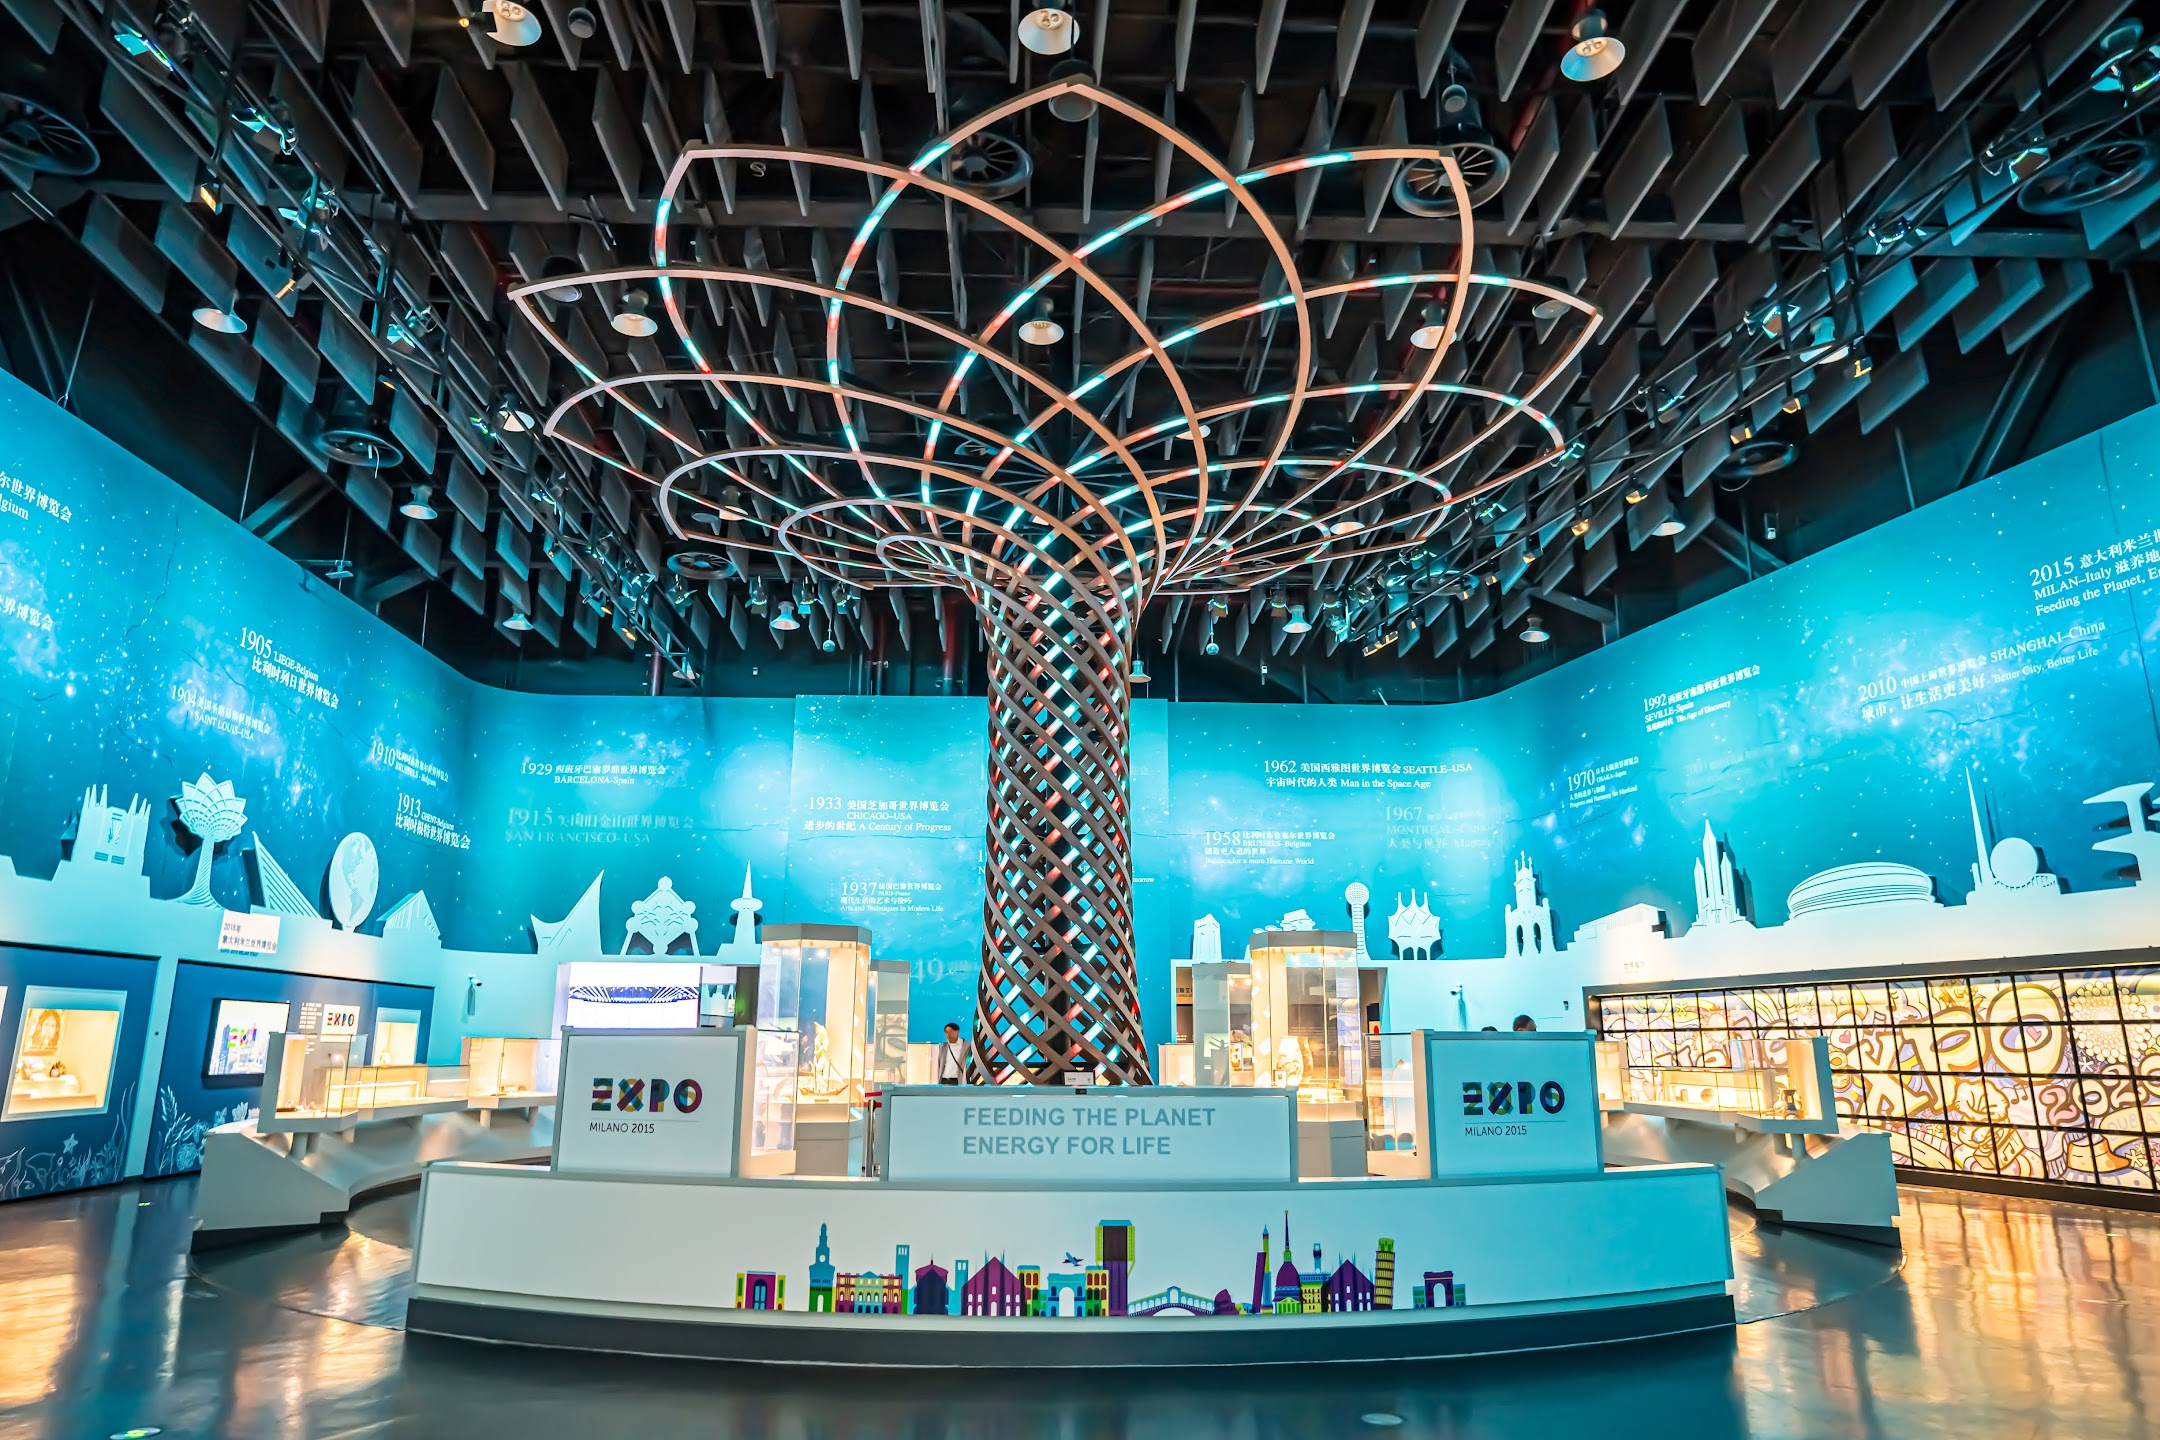 上海 世博会博物館 (World Expo Museum)7